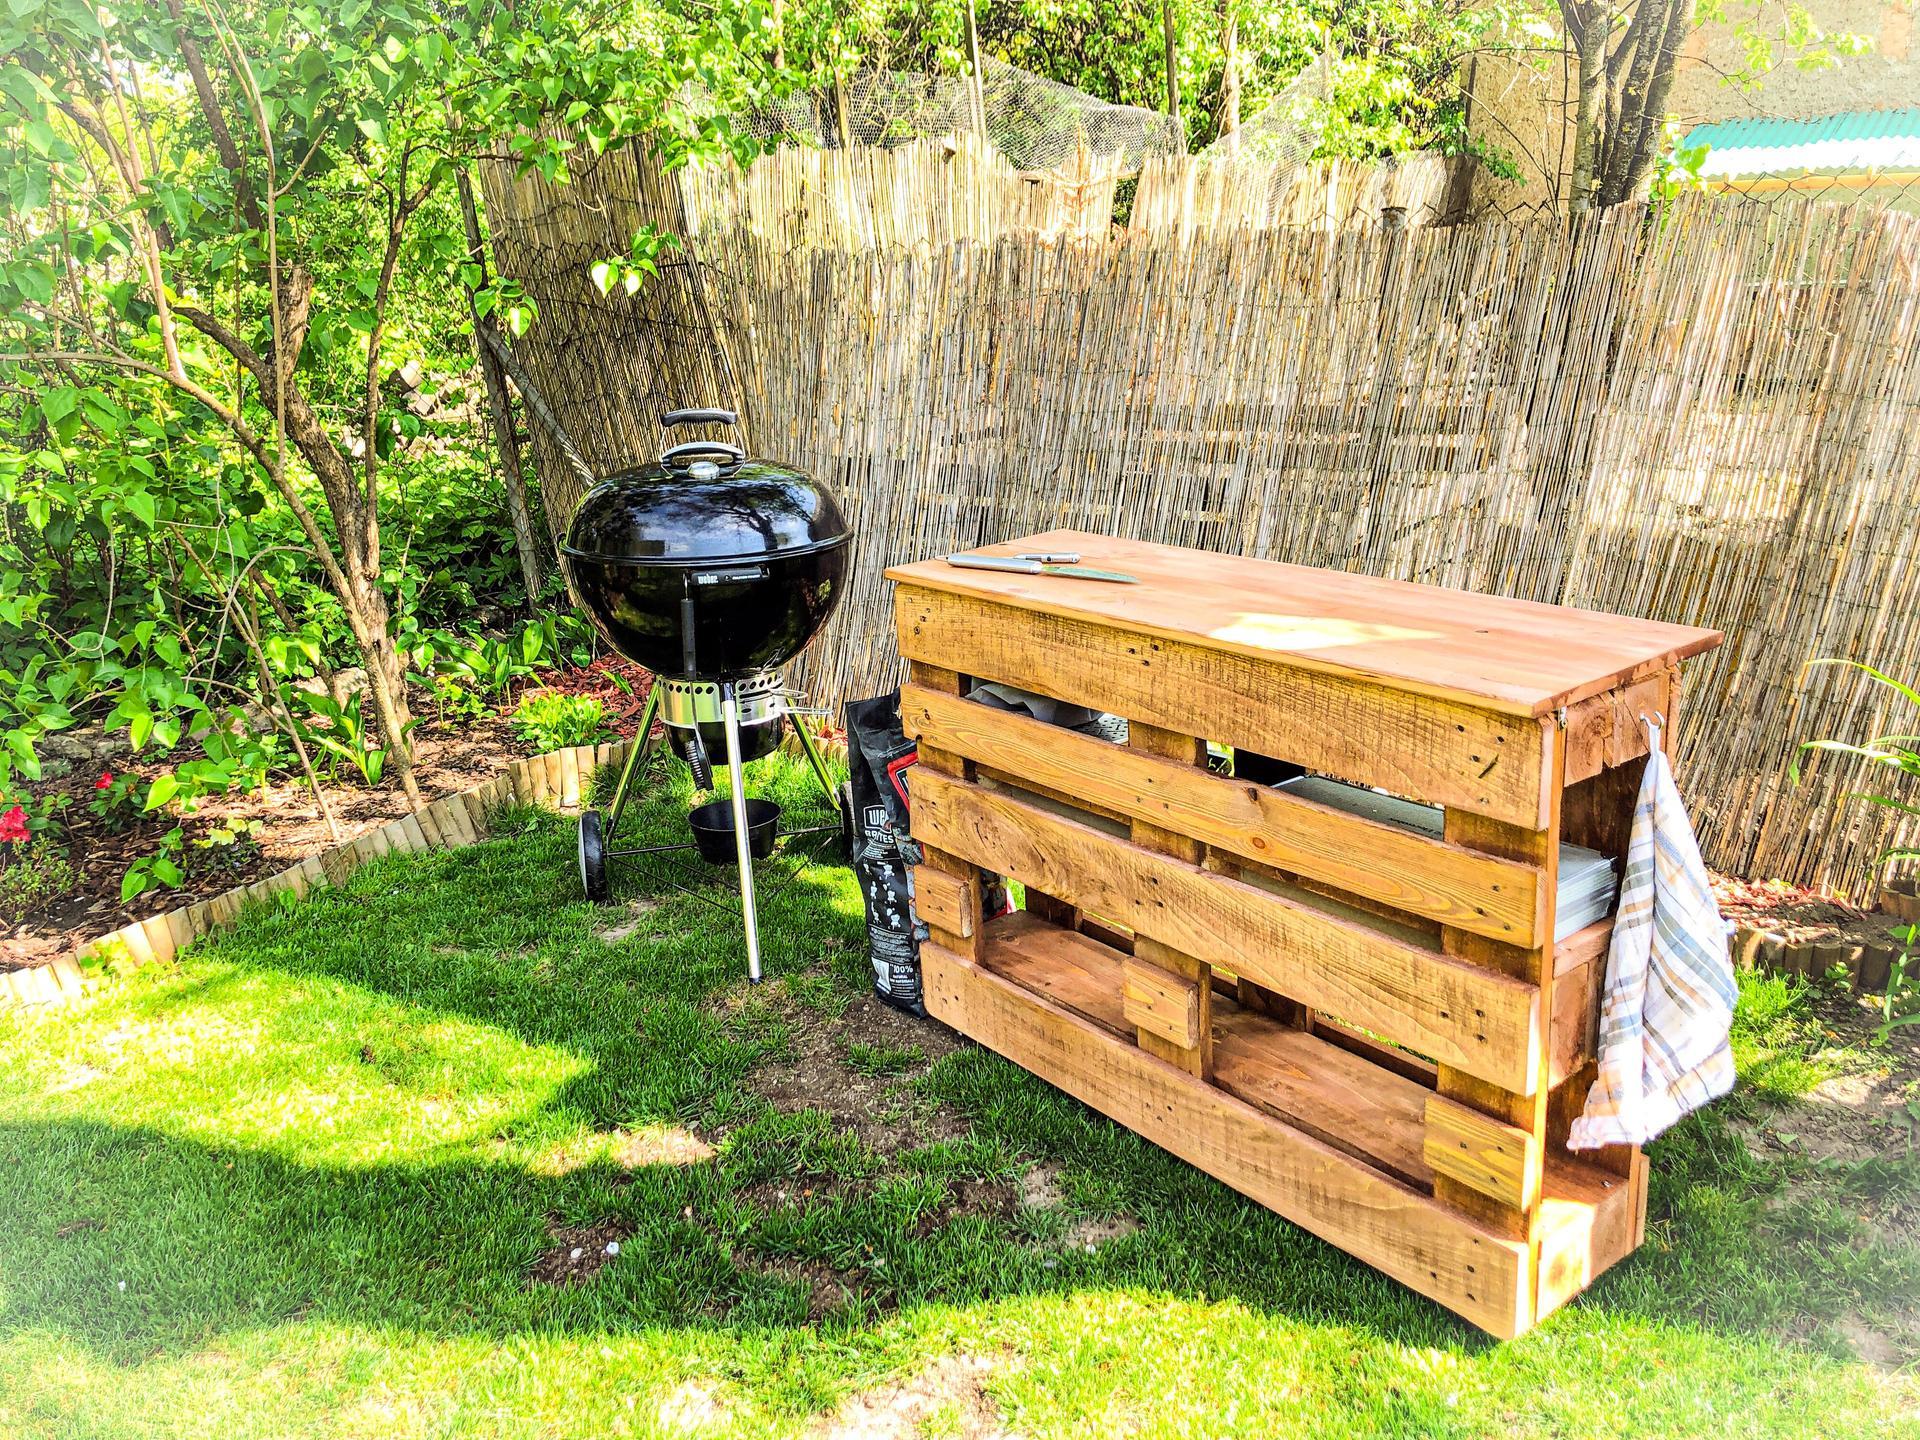 Zahrada a upravy okolo domu - Novy clen rodiny, moj chefs table aka DIY z paliet co ostali z plota. Mega doplnok ku grilu